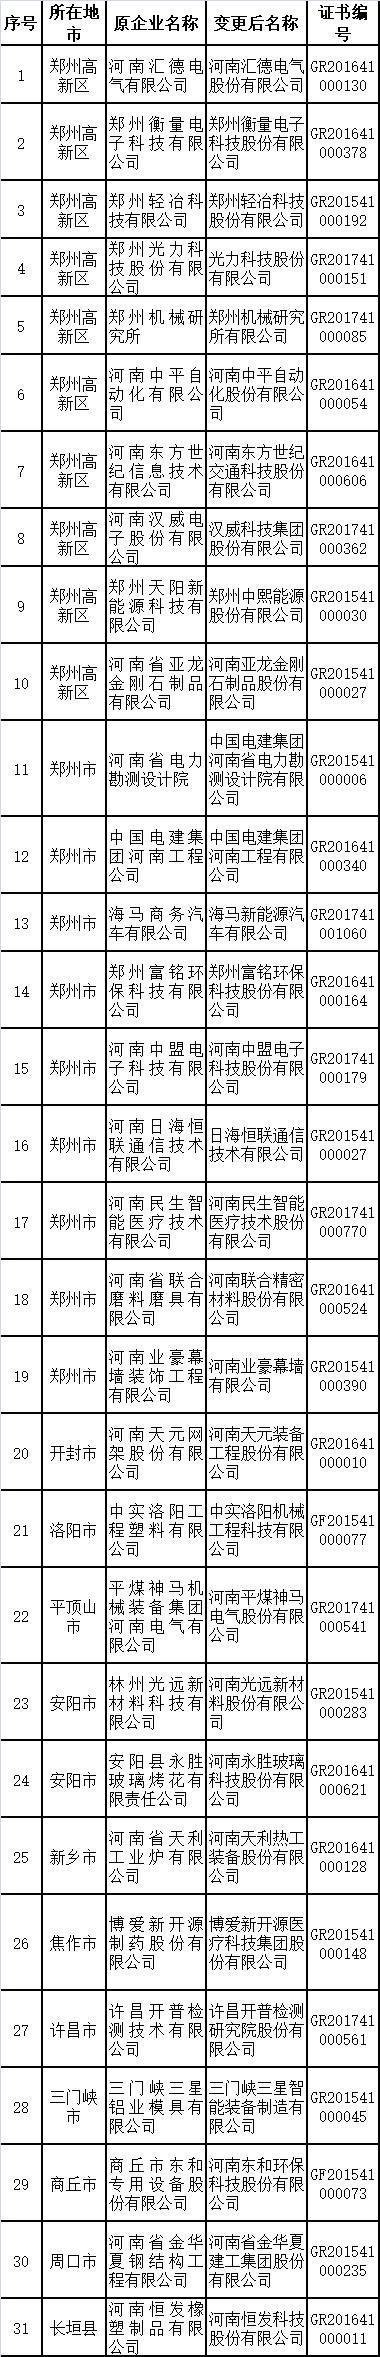 河南31家高新技术企业拟更名 包含多家上市公司